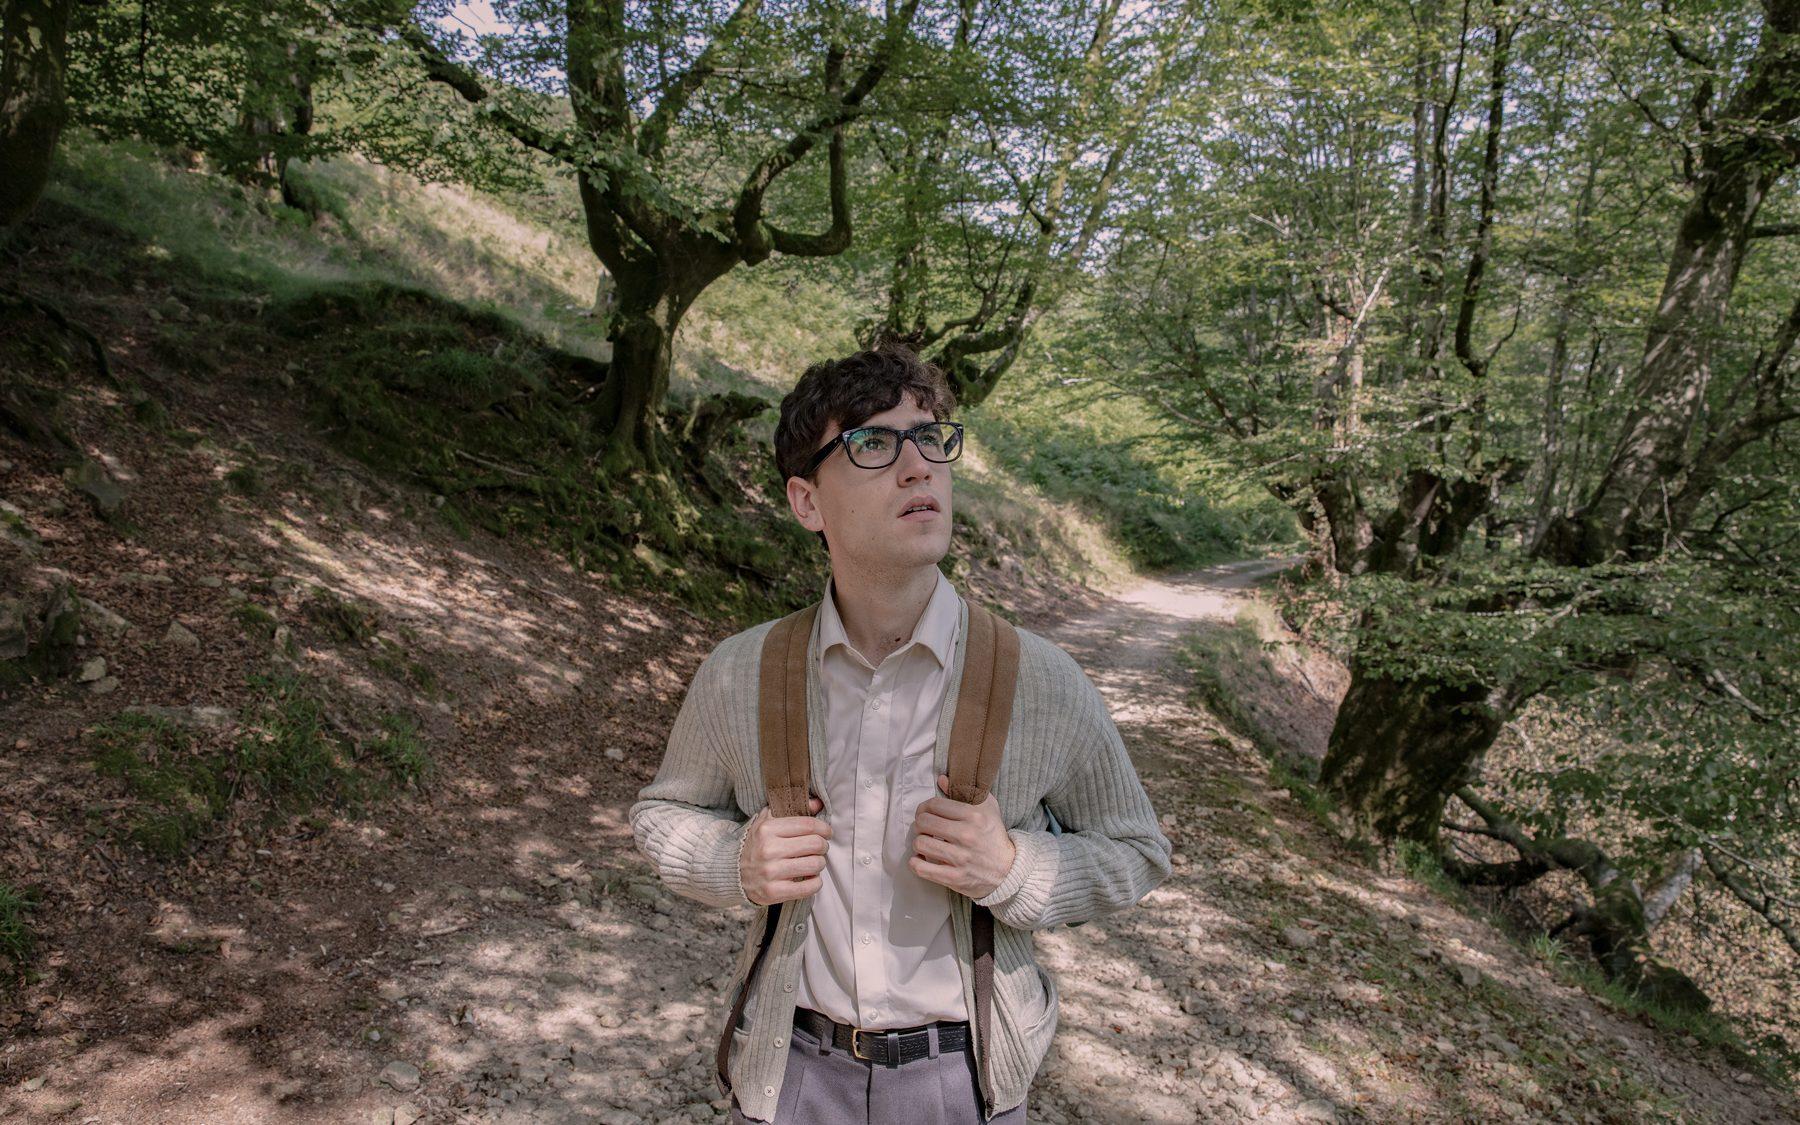 El actor Álex Monner en 'La línea invisible', rodada en el País Vasco.